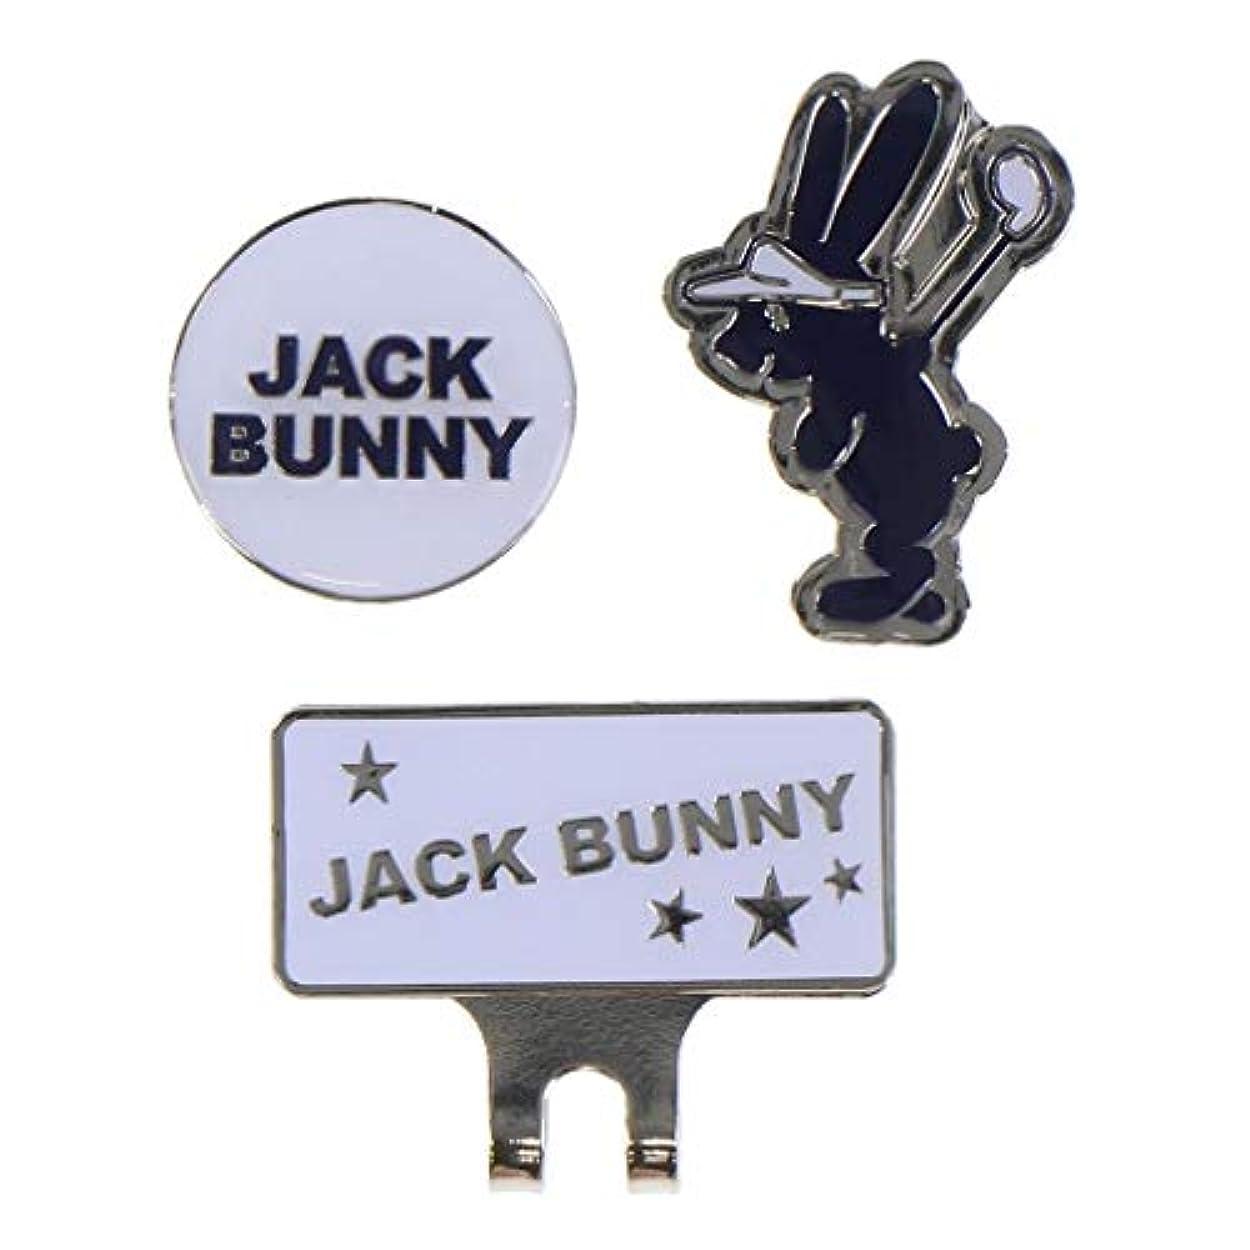 穿孔する電話をかける保護するジャック バニー 差込 クリップマーカー ゴルフ ラウンド小物 (2629184770 030)